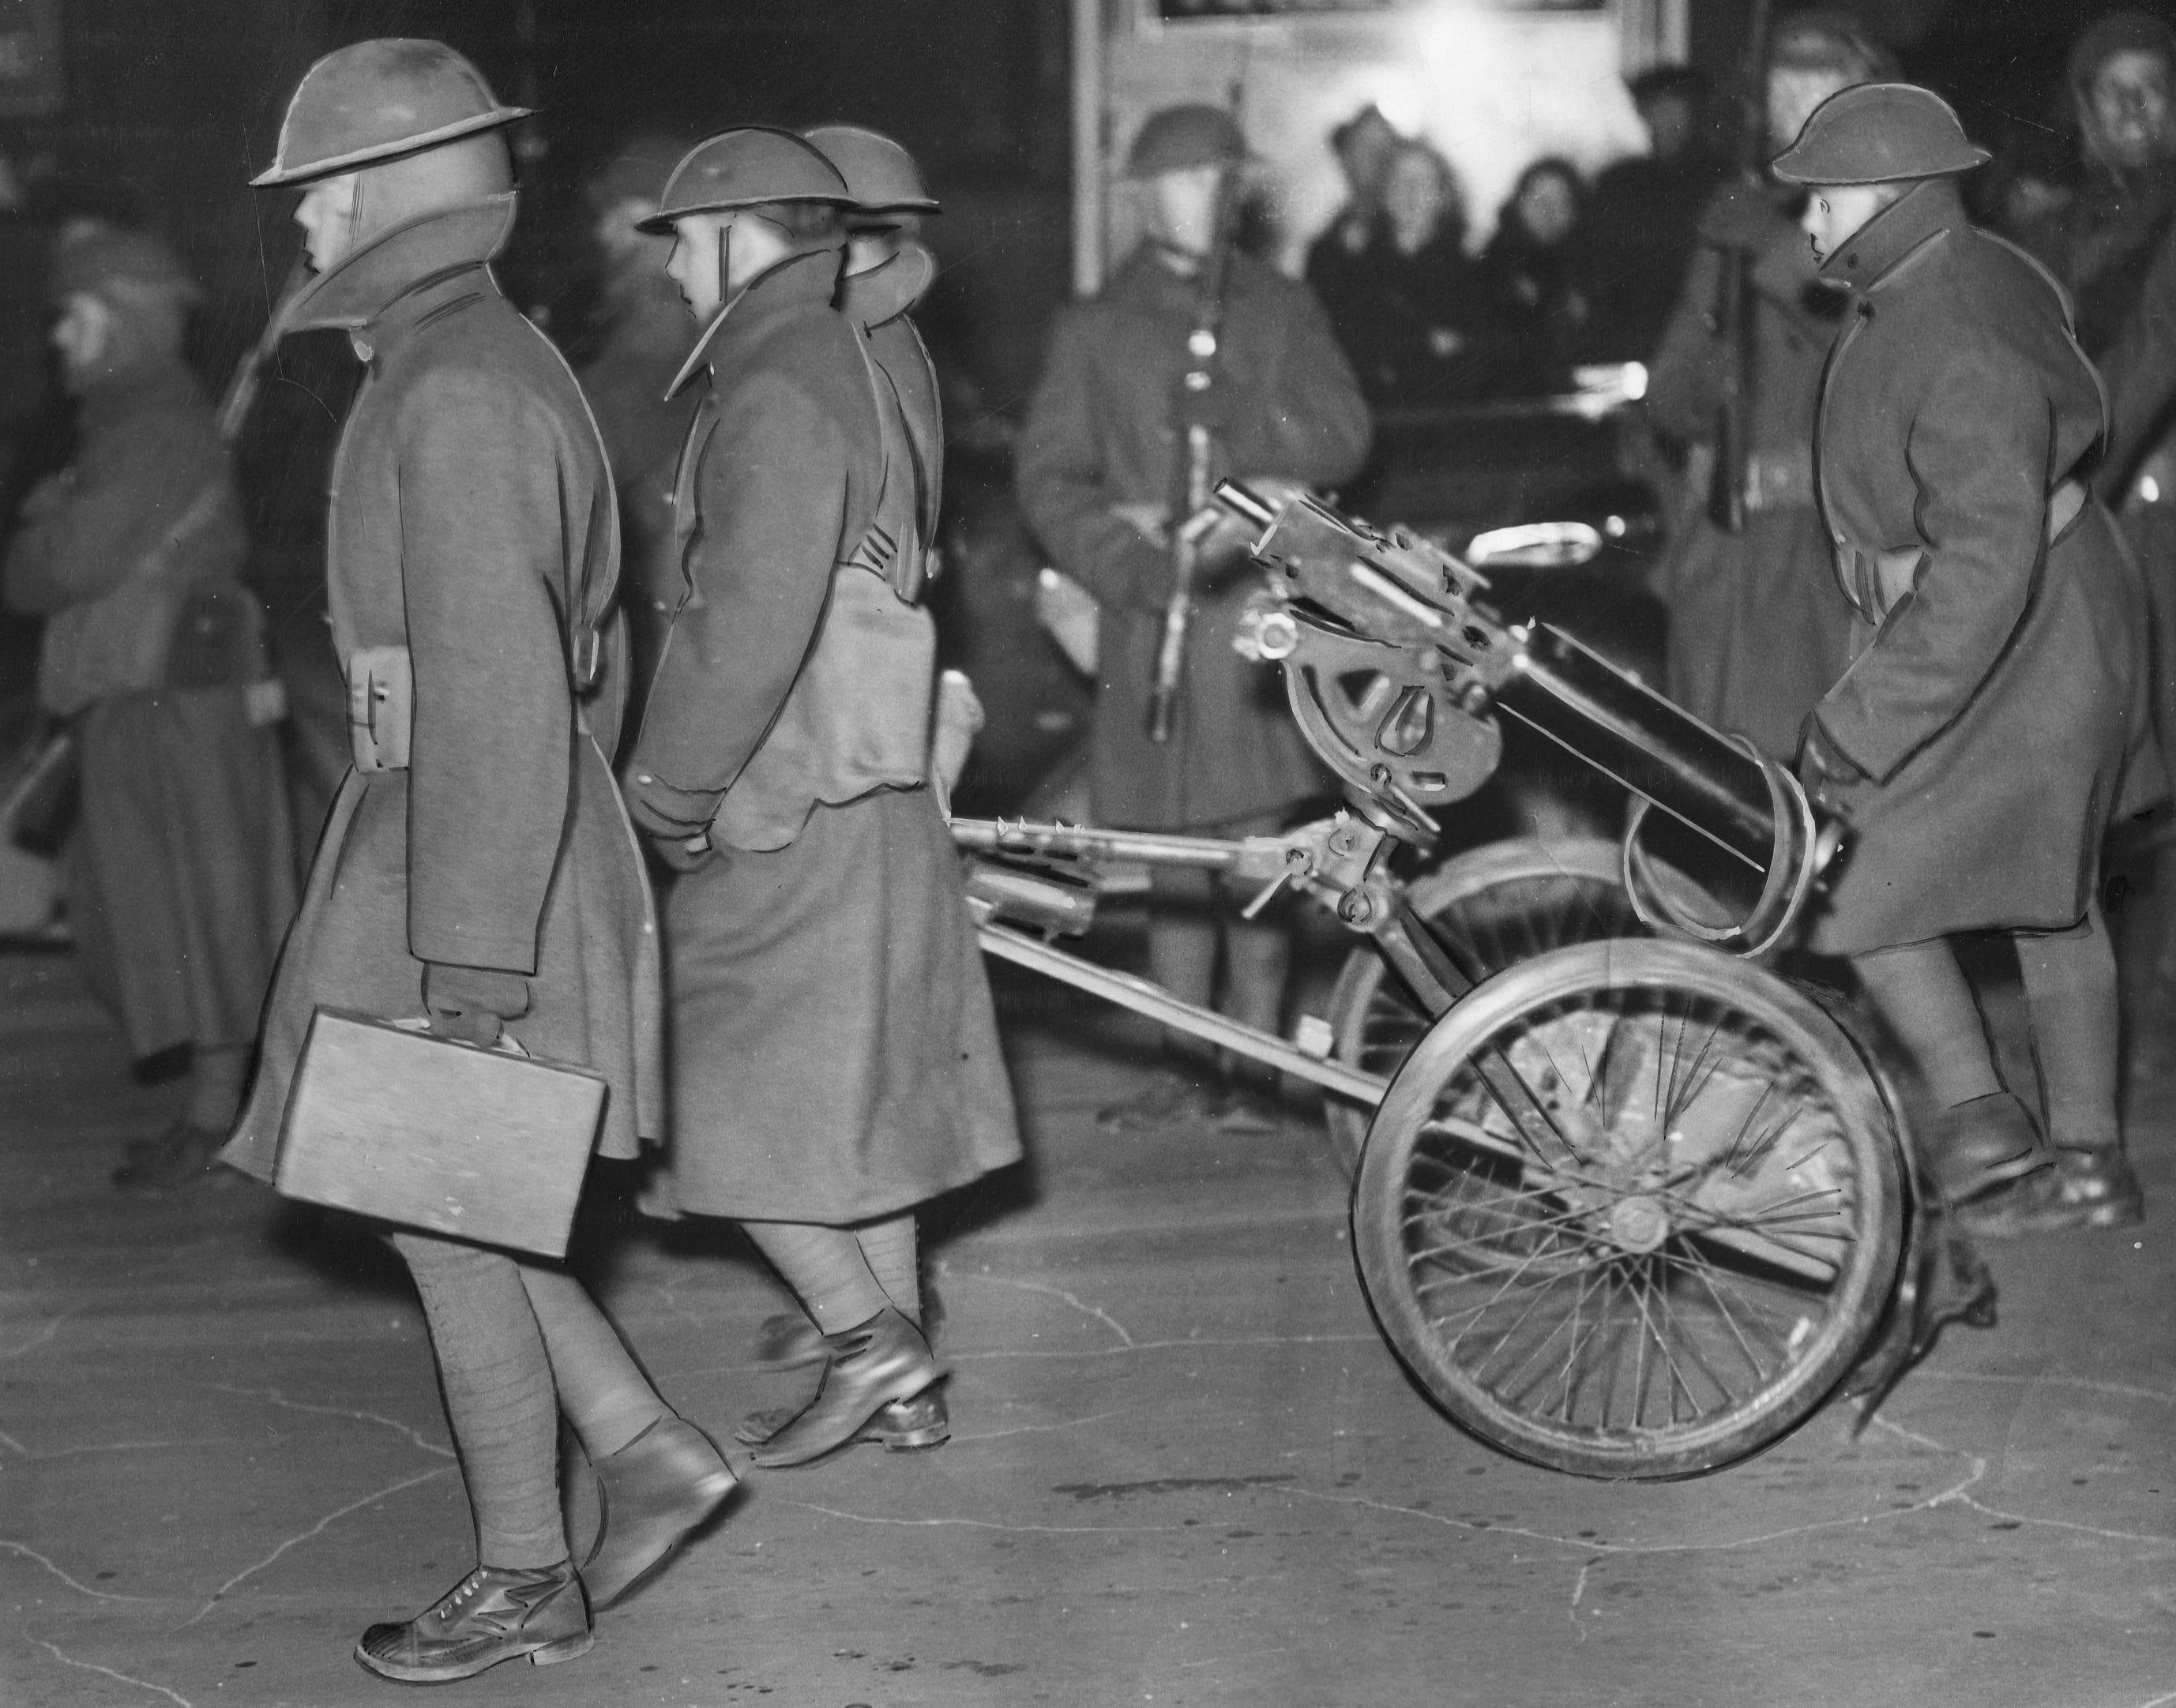 Michigan National Guardmen wheel machine guns during